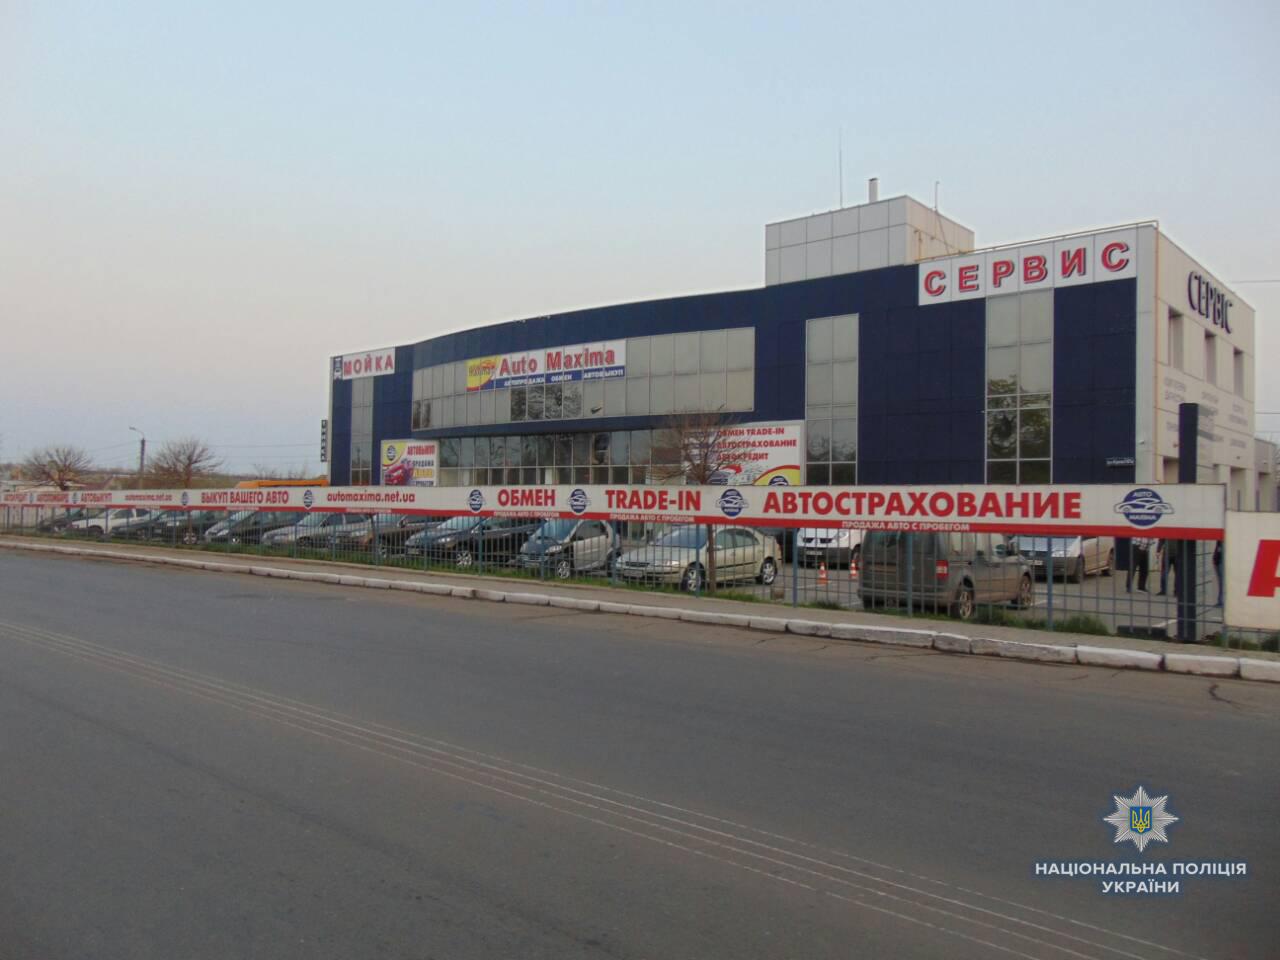 Произошел взрыв натерритории украинского автомобильного салона вНиколаеве